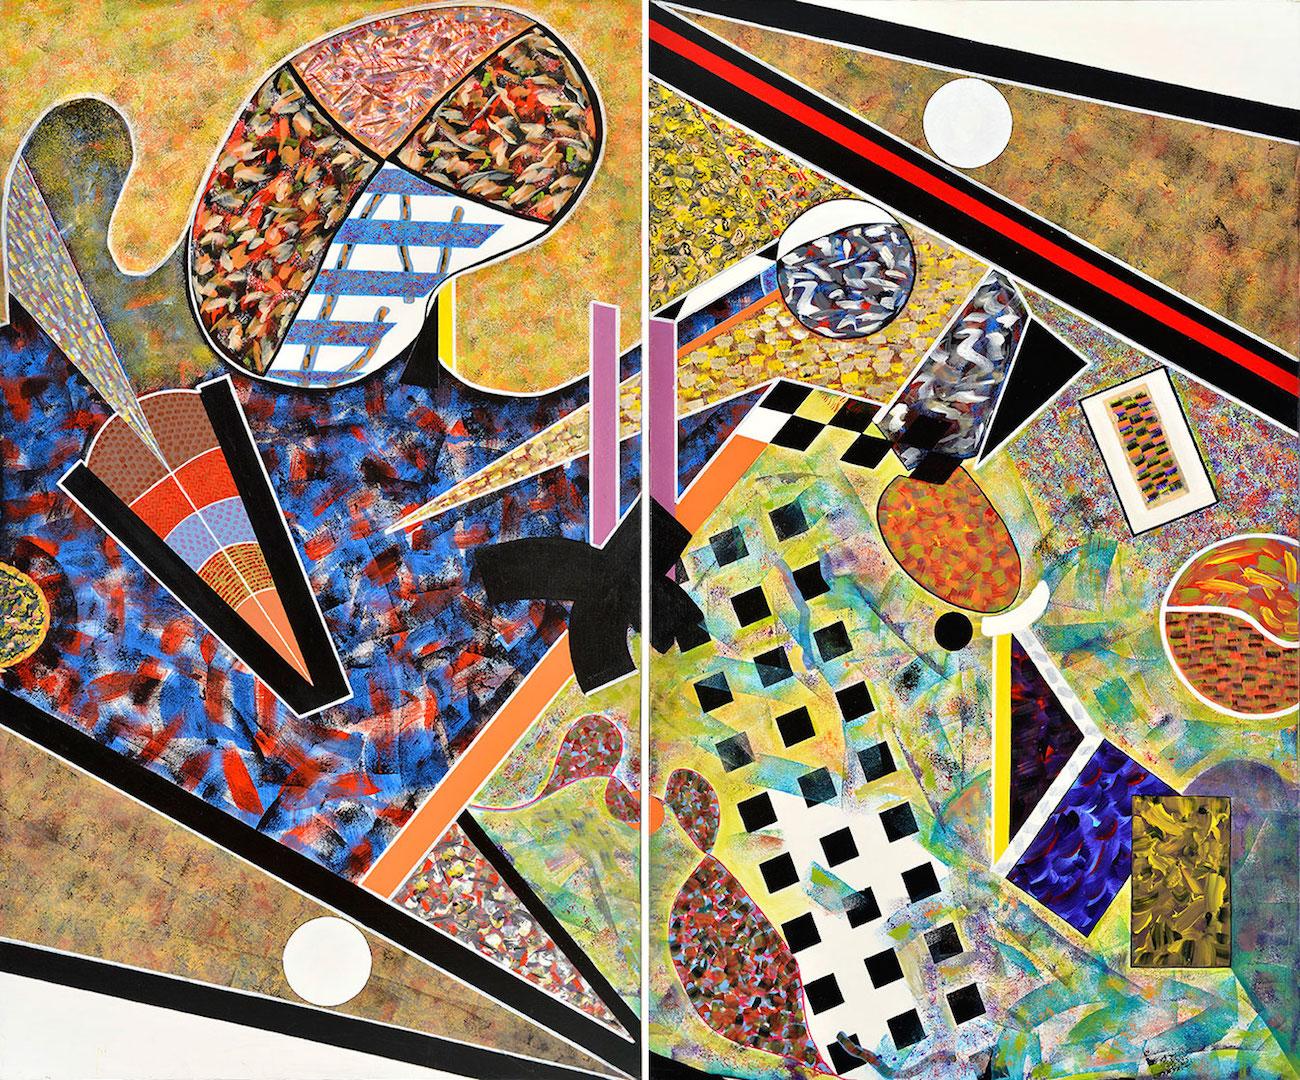 Grand Imaginaire, 2010, diptyque, acrylique, 162 x 194 cm